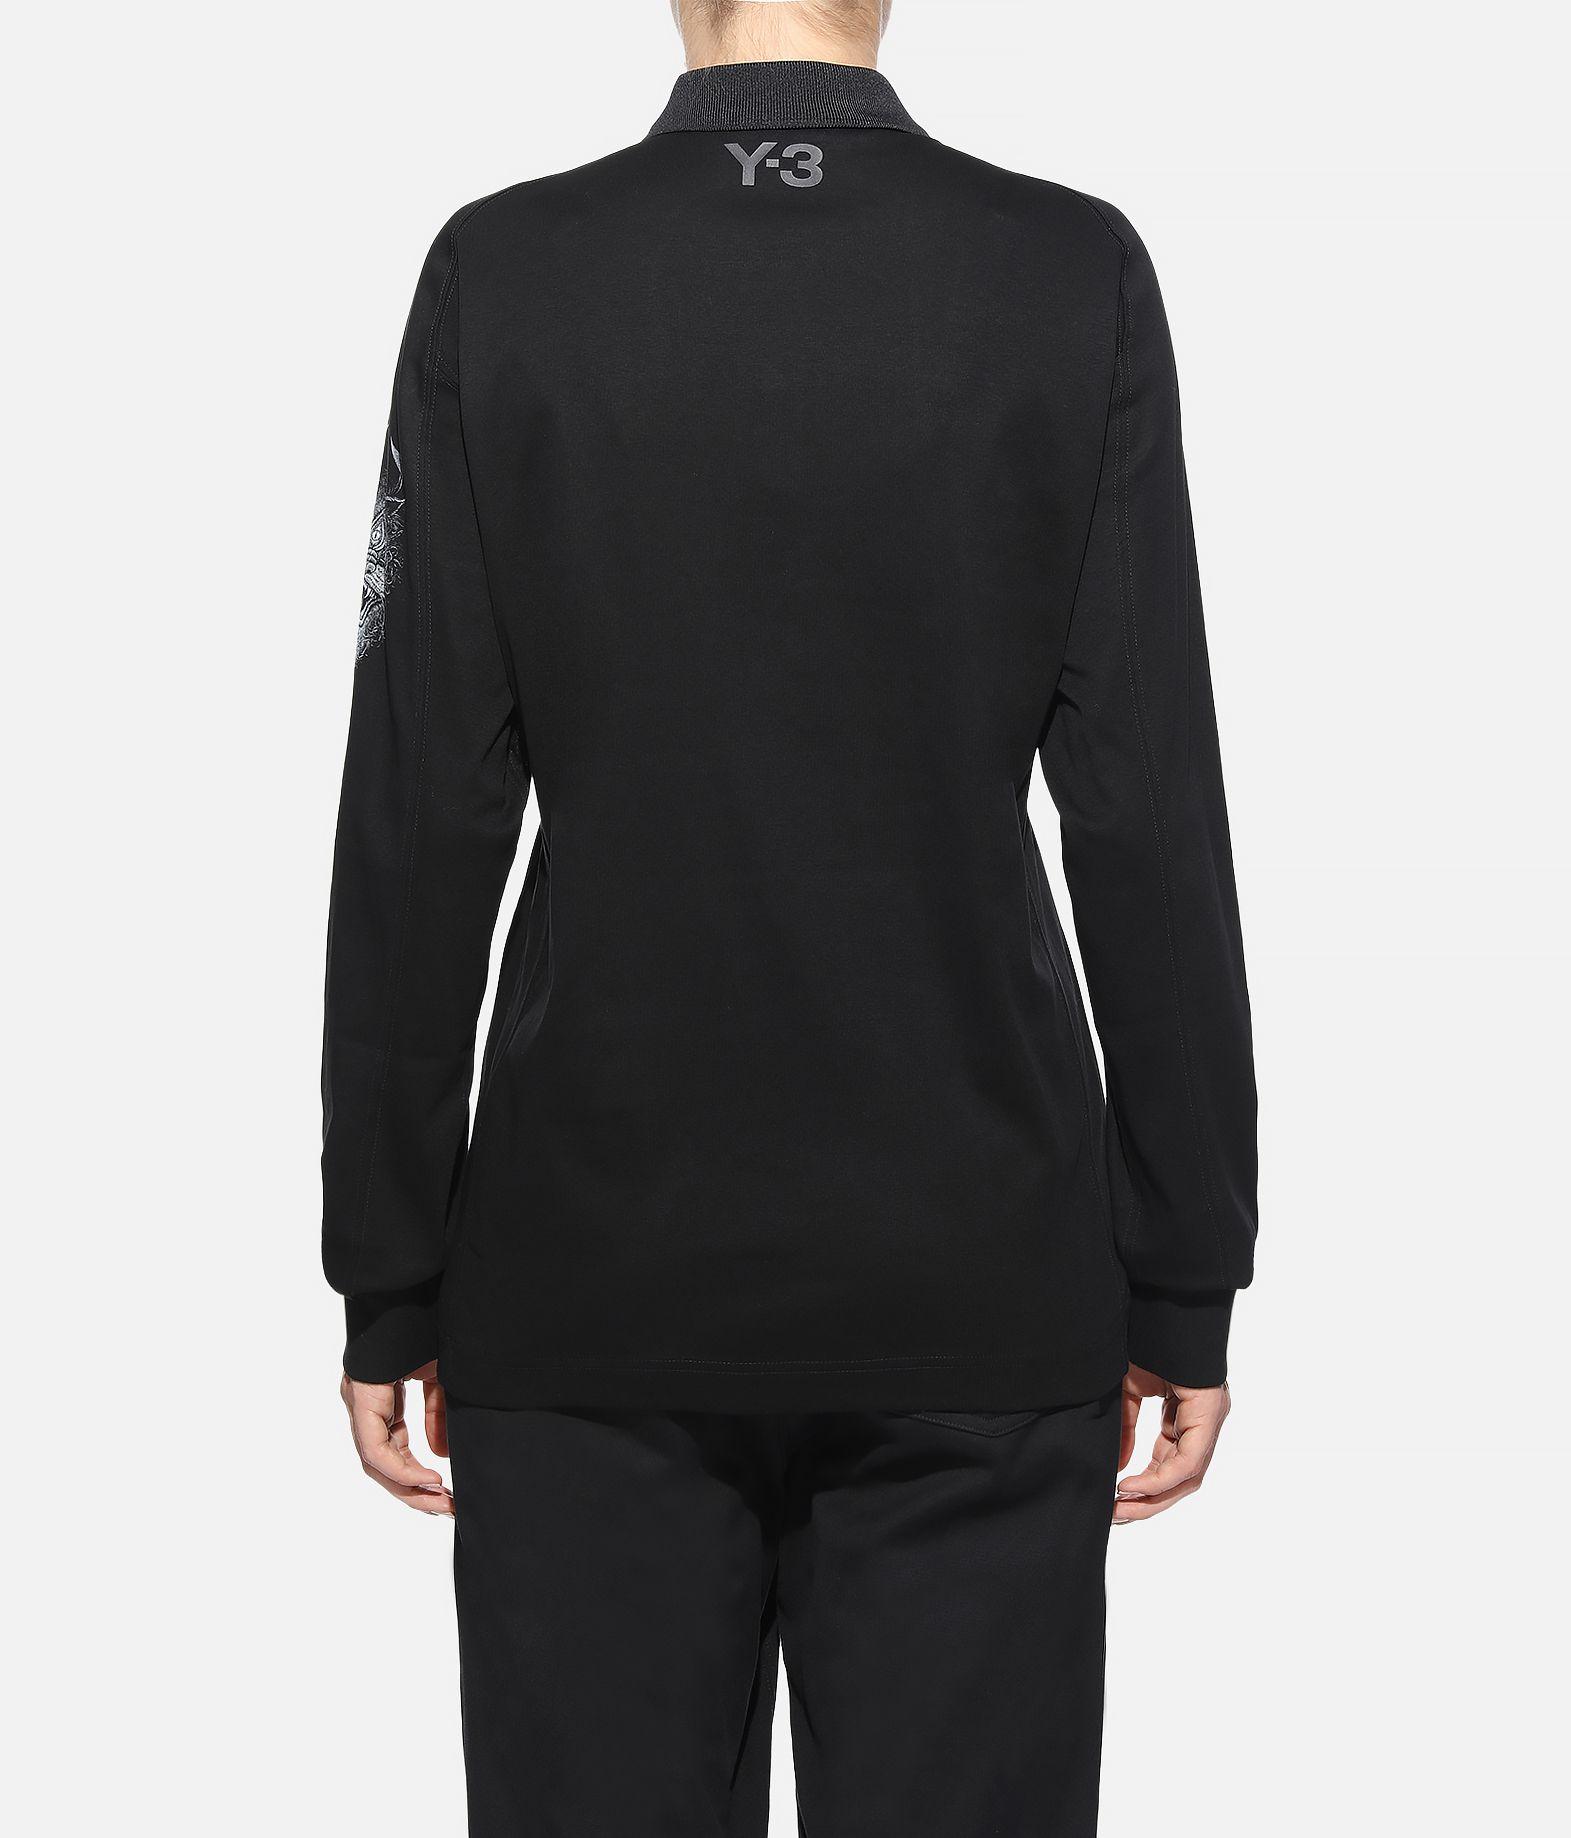 Y-3 Y-3 Long Sleeve Polo Shirt  Polohemd Dame d